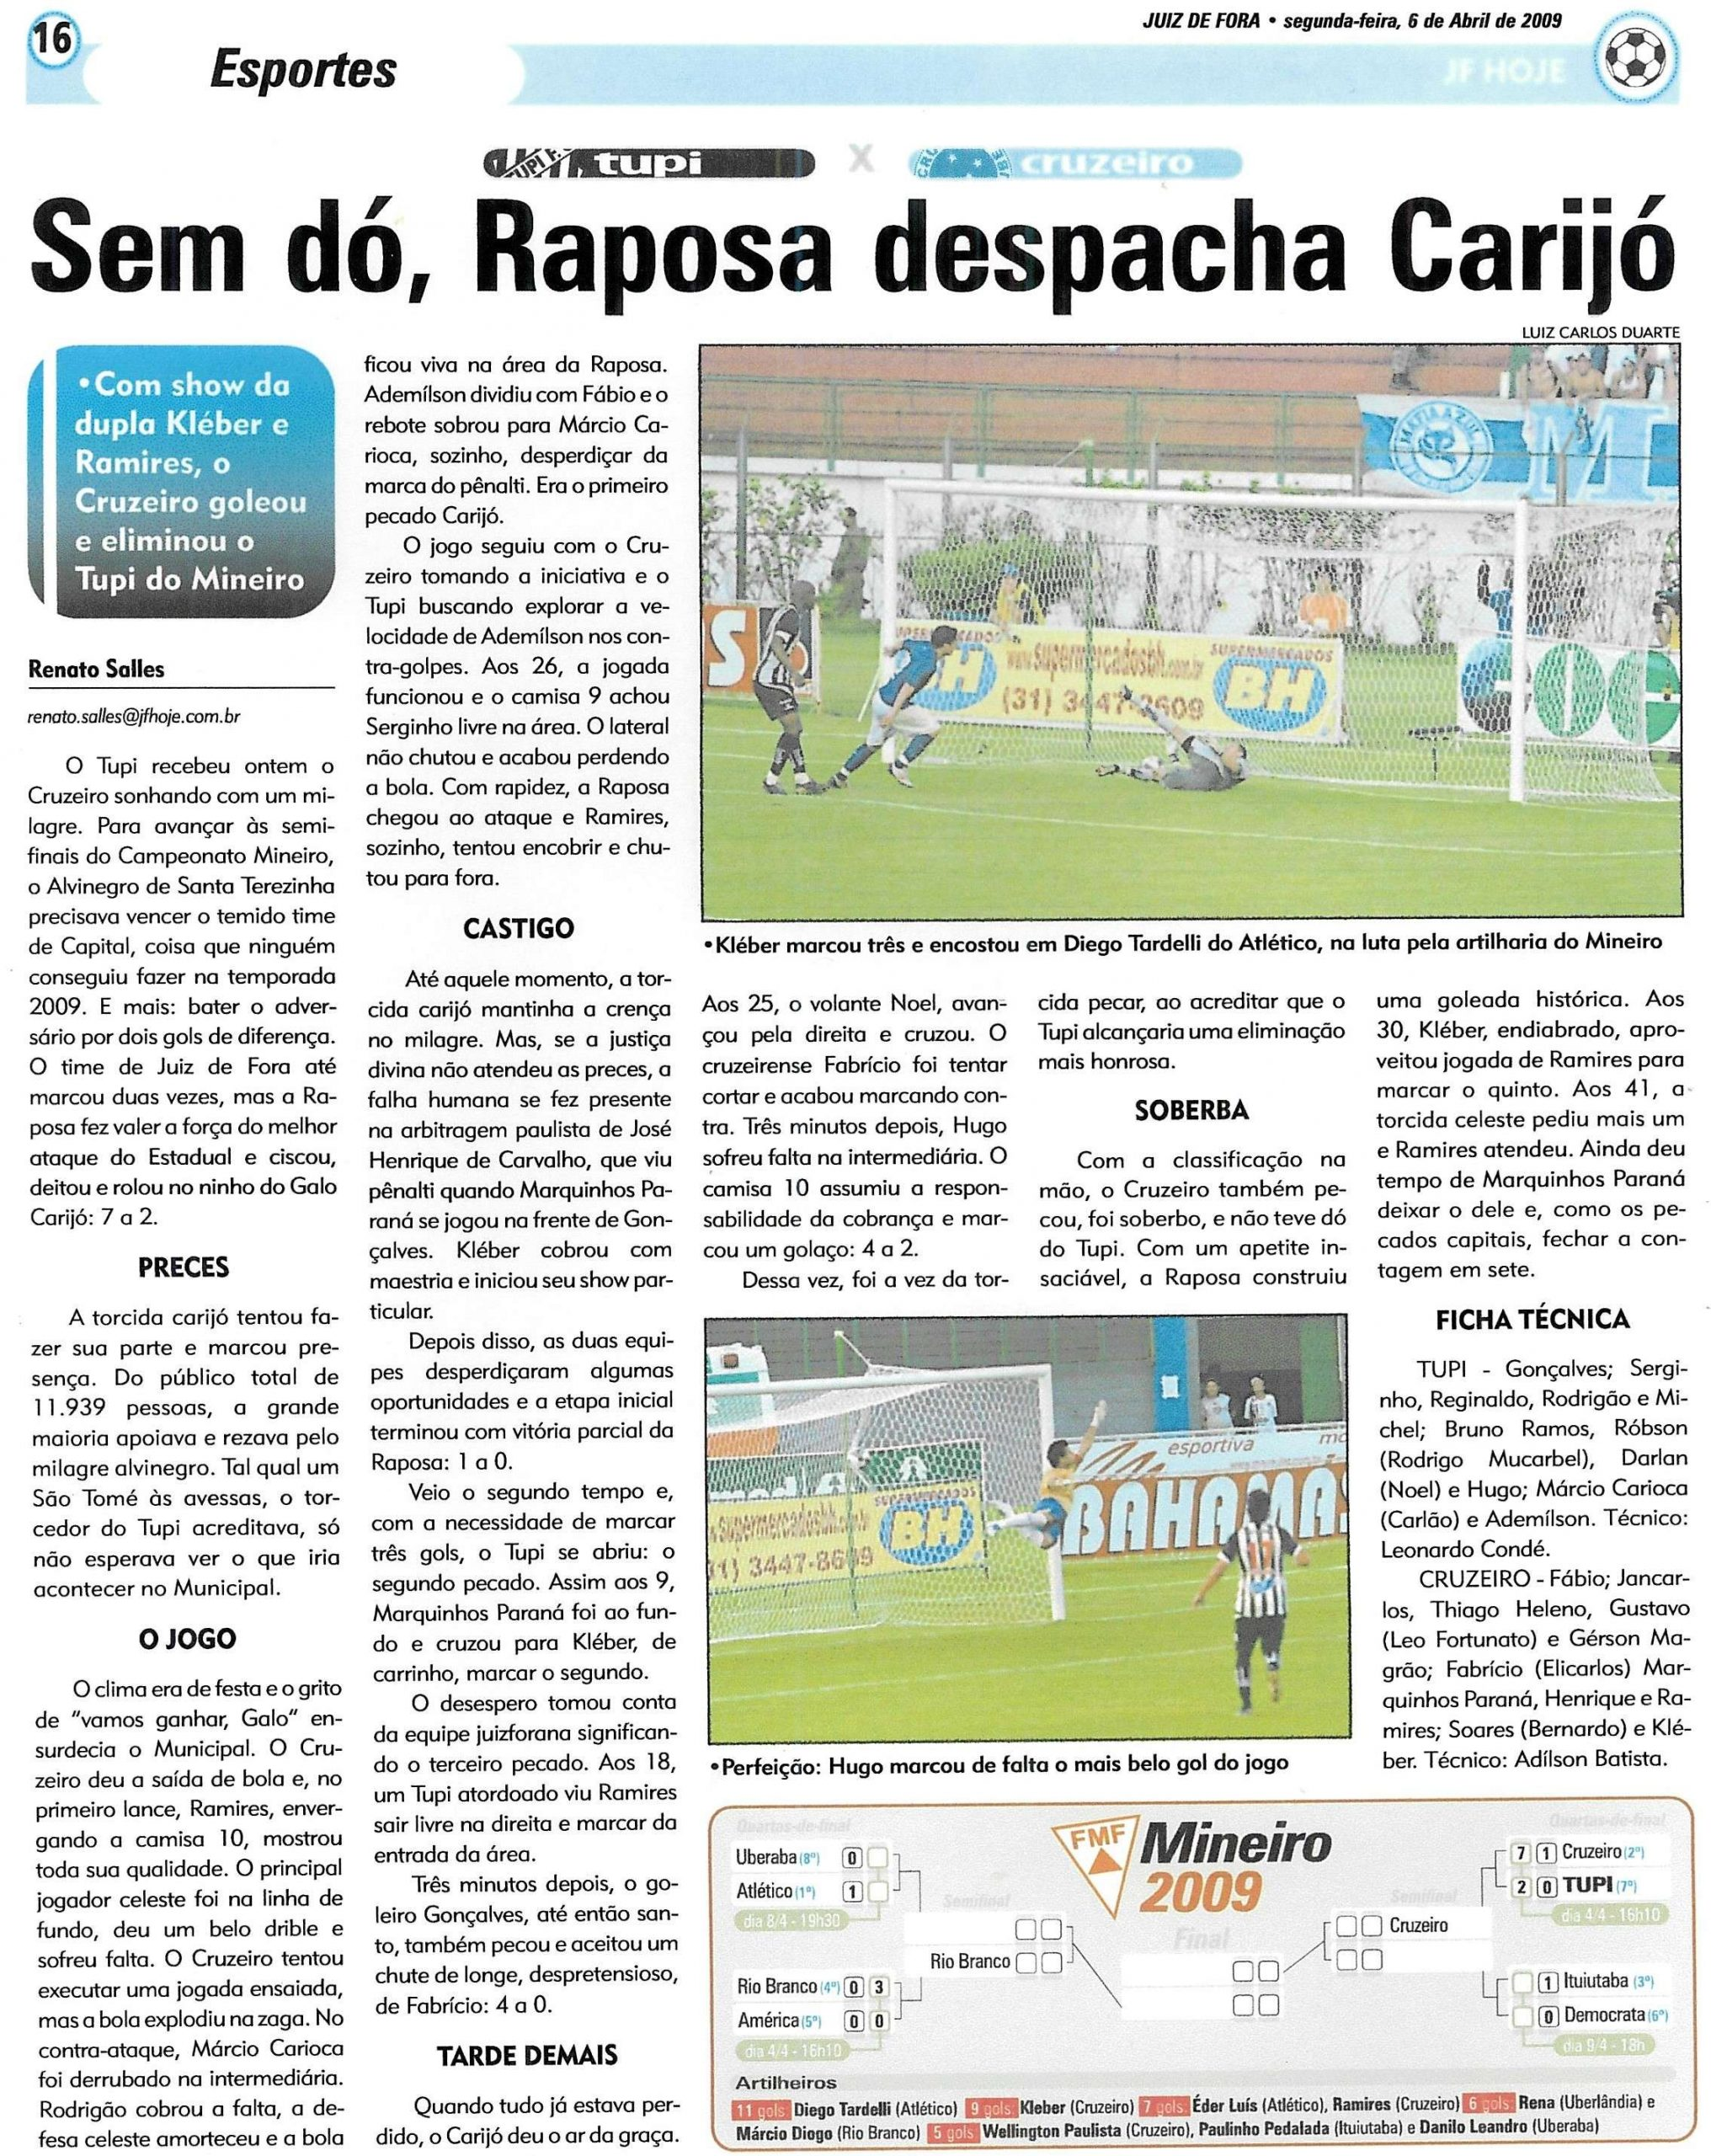 Read more about the article Sem dó, Raposa despacha Carijó